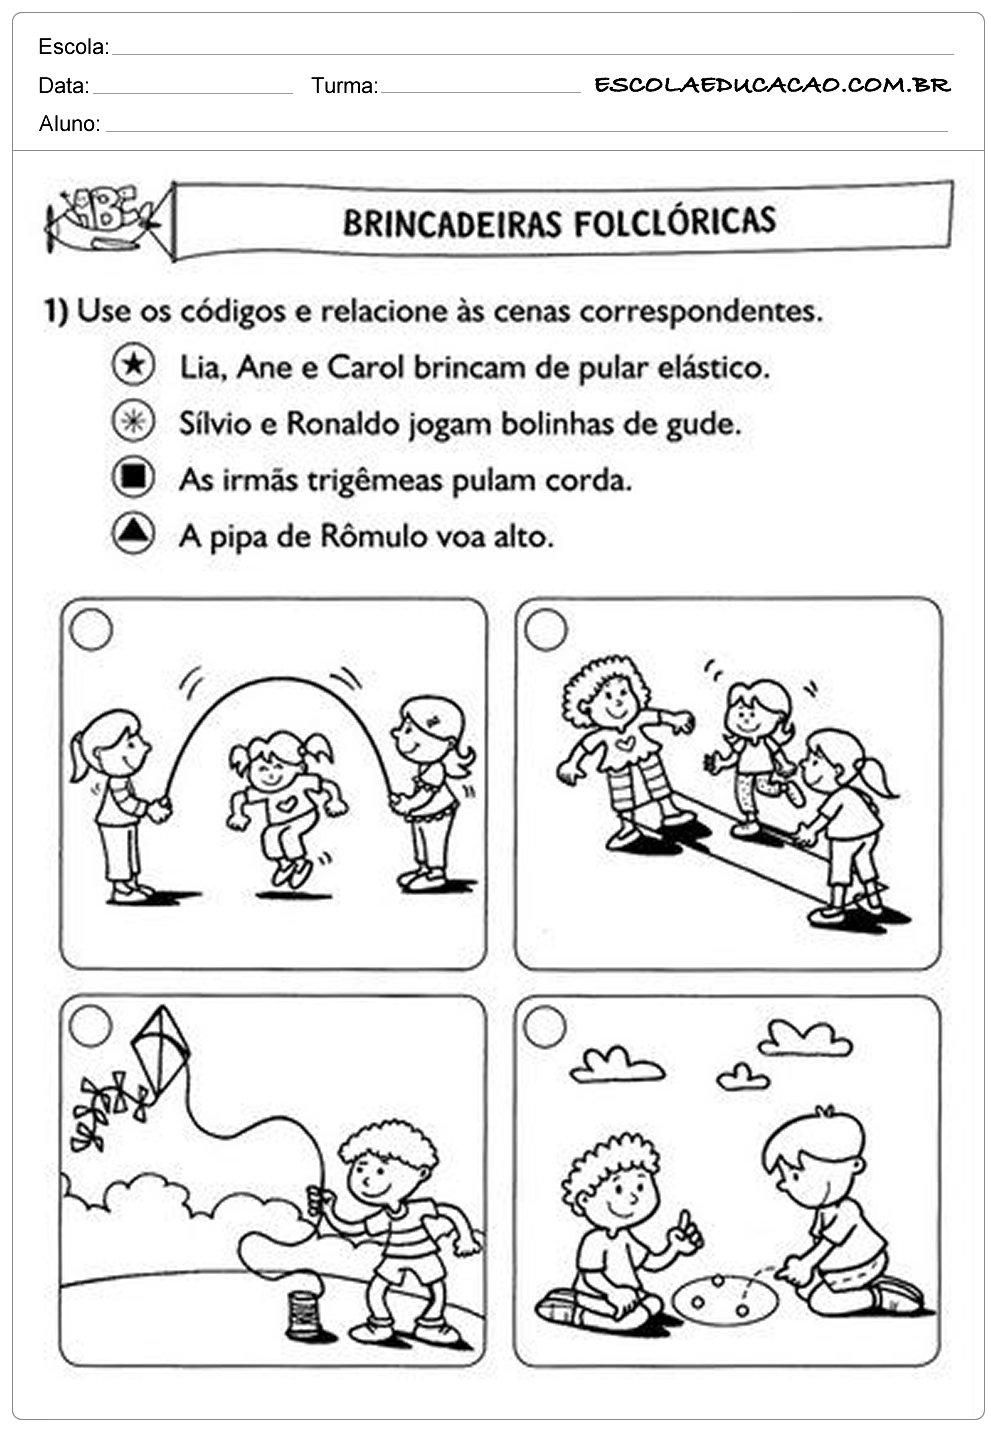 Atividades de Português 2º ano – Brincadeiras Folclóricas